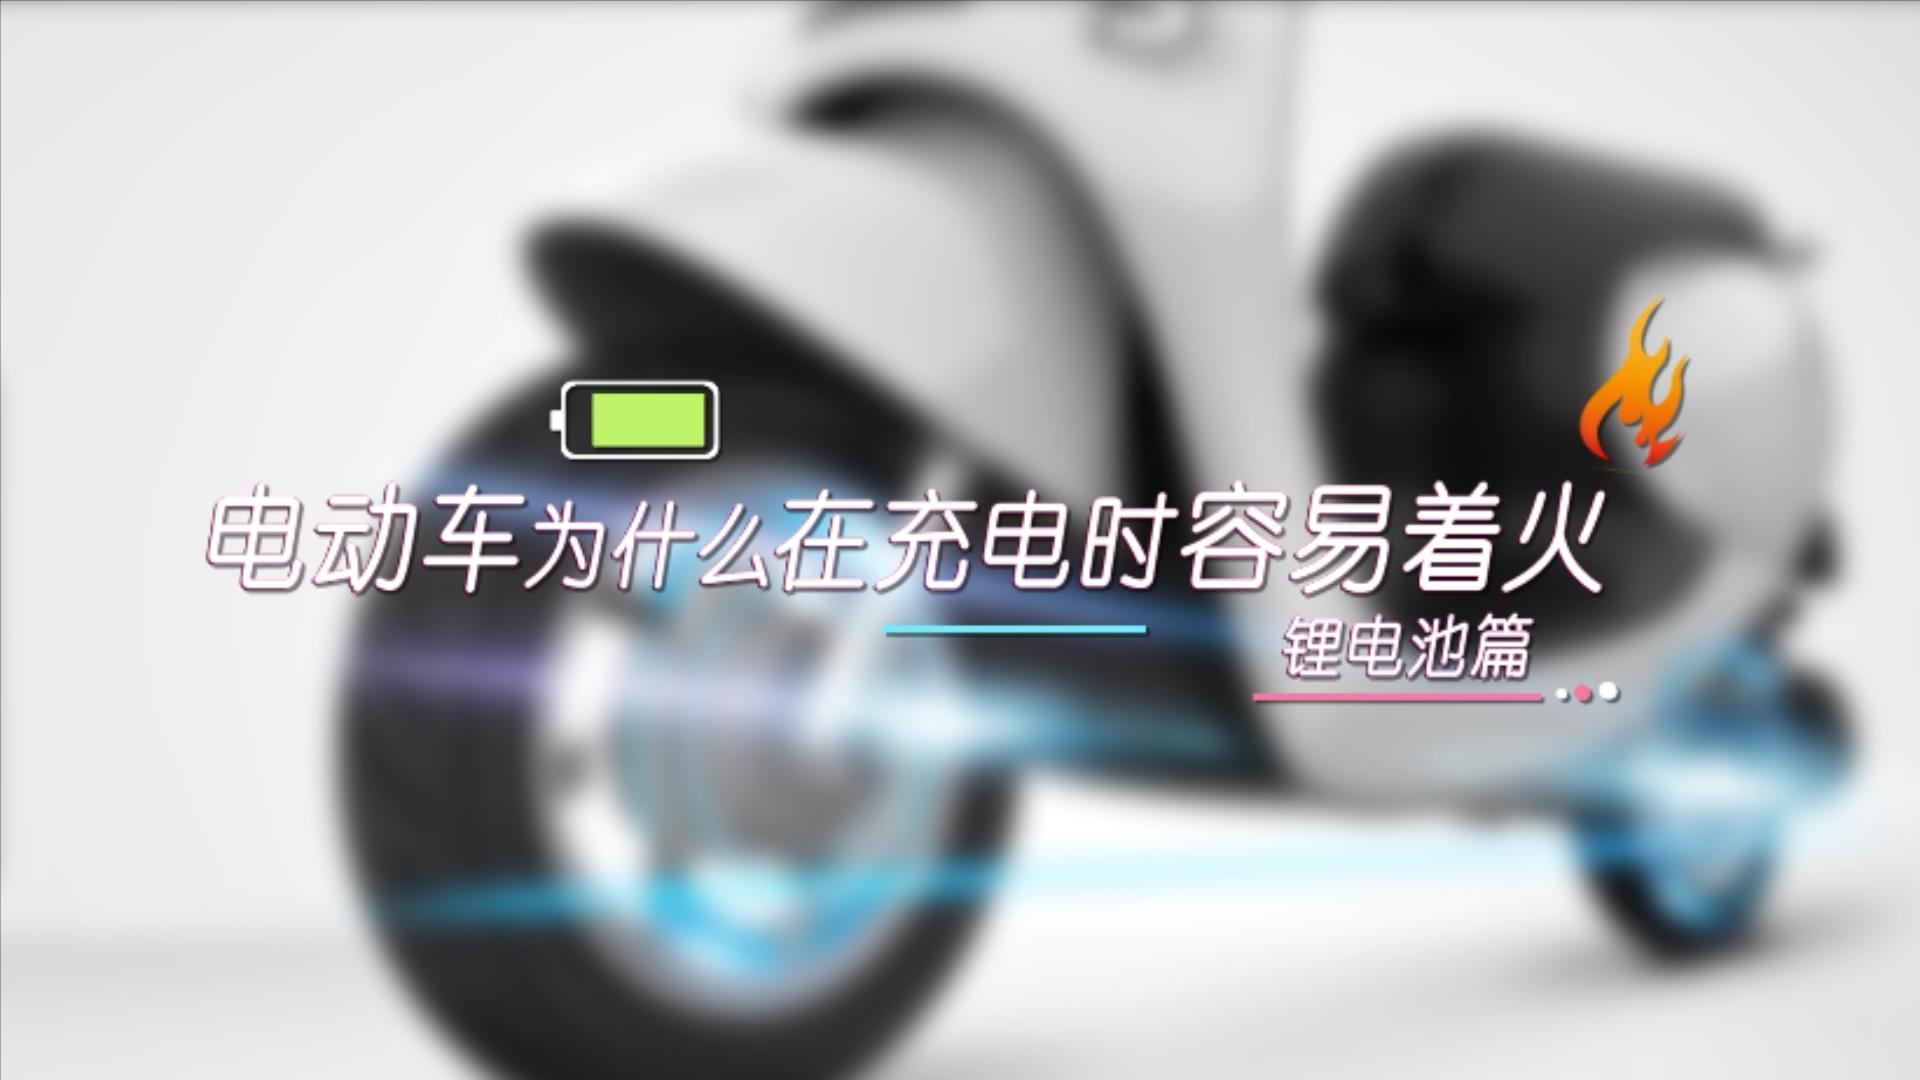 总裁说车第5期:锂电池充电时,为什么容易着火